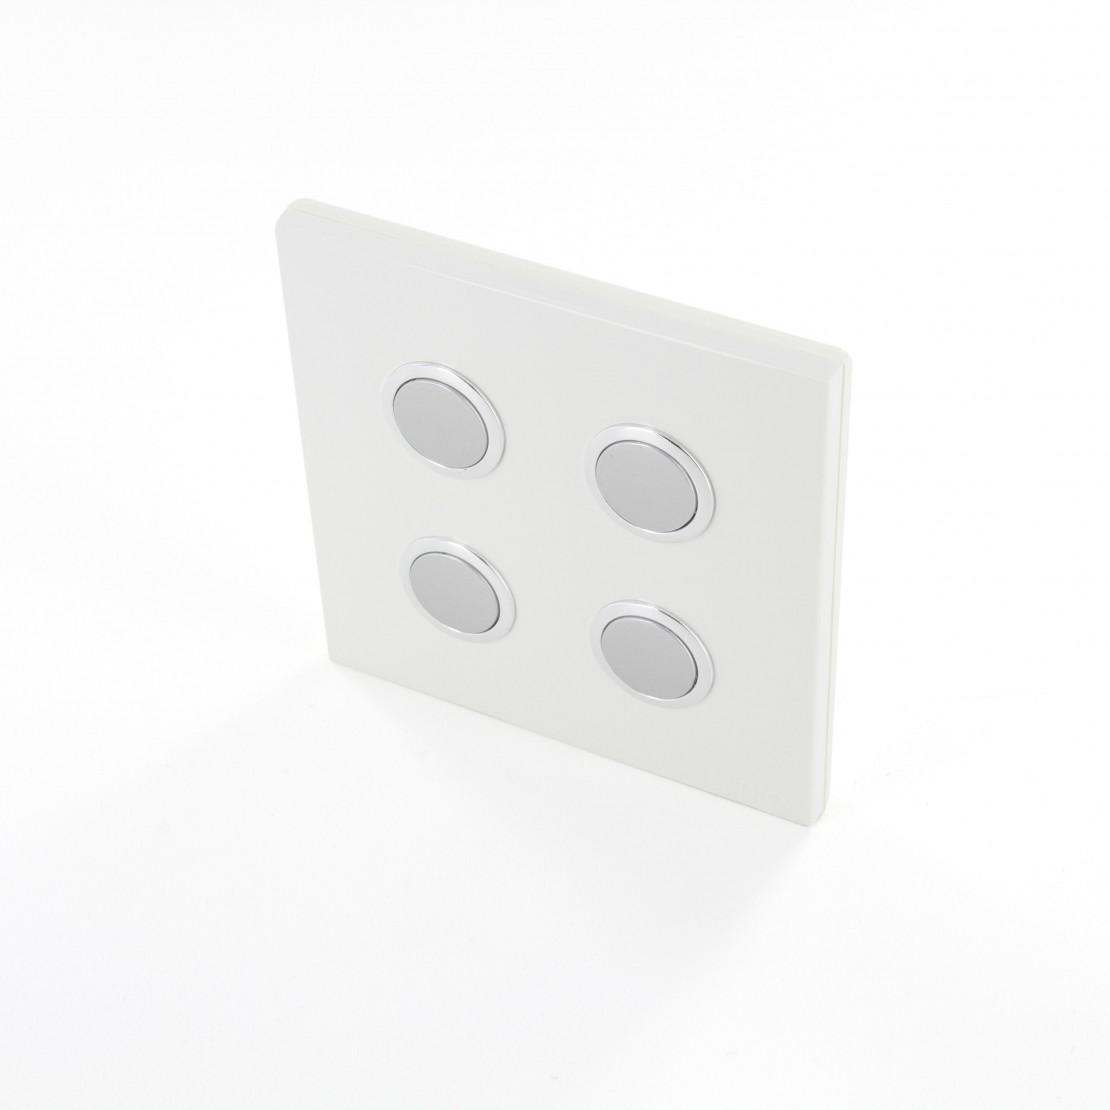 Interruptor 868MHz 4 Canales Blanco